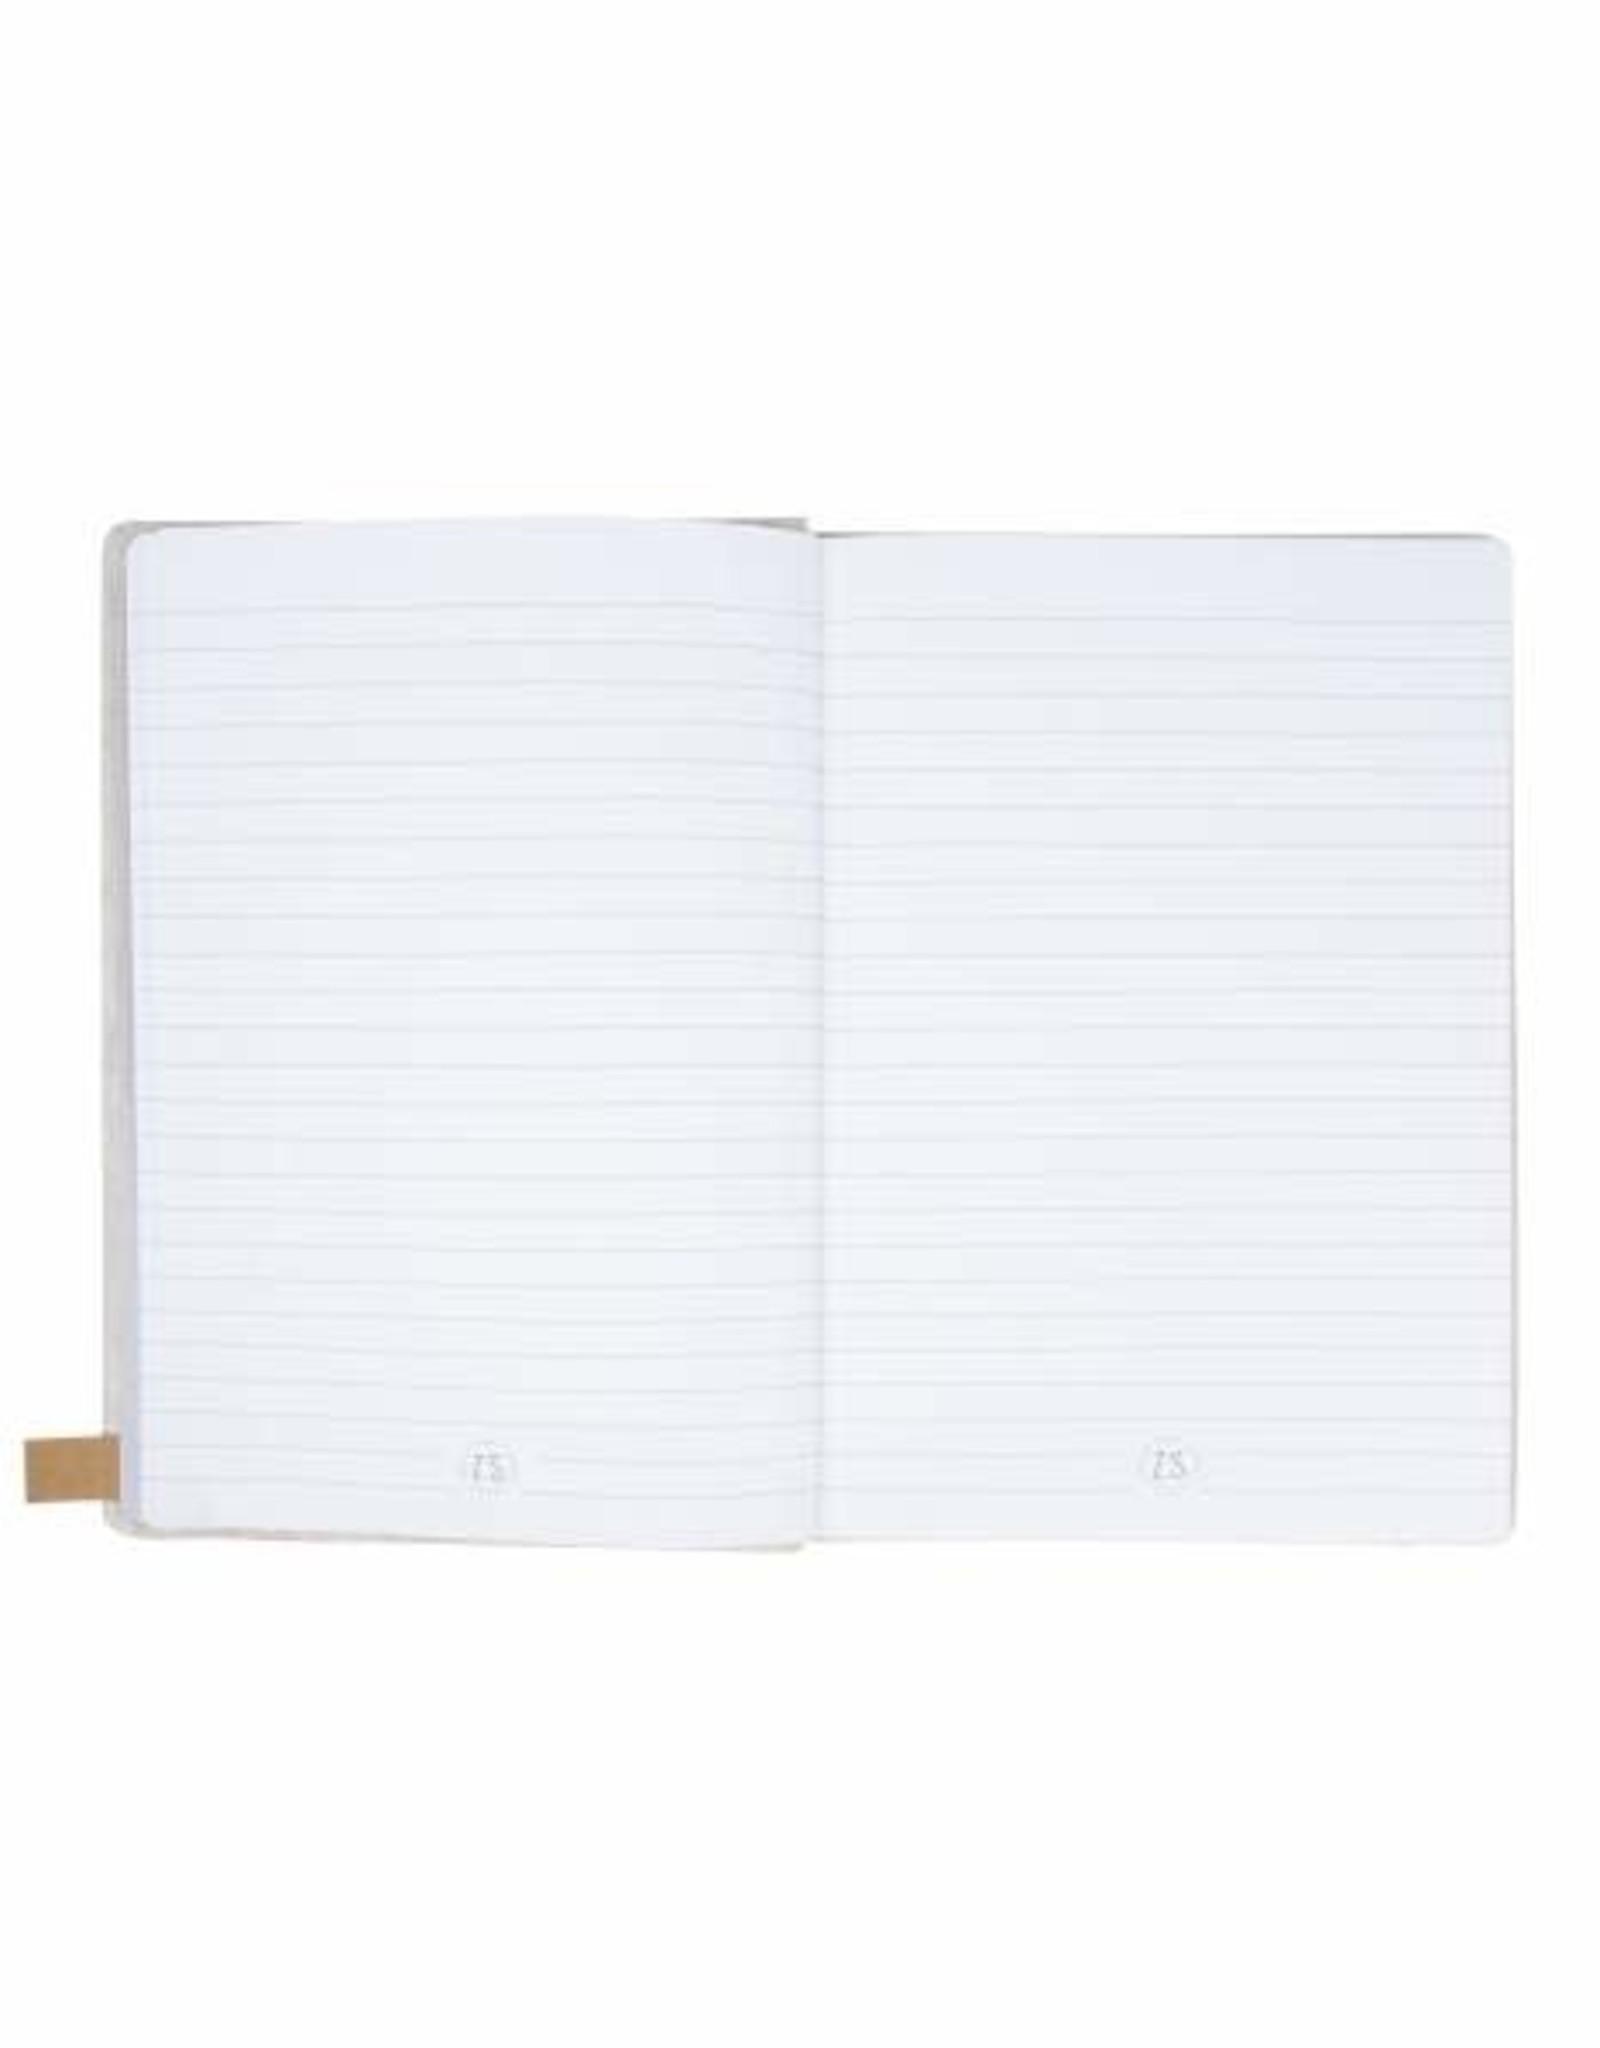 Zusss Zusss - notitieboek can I go - linnen